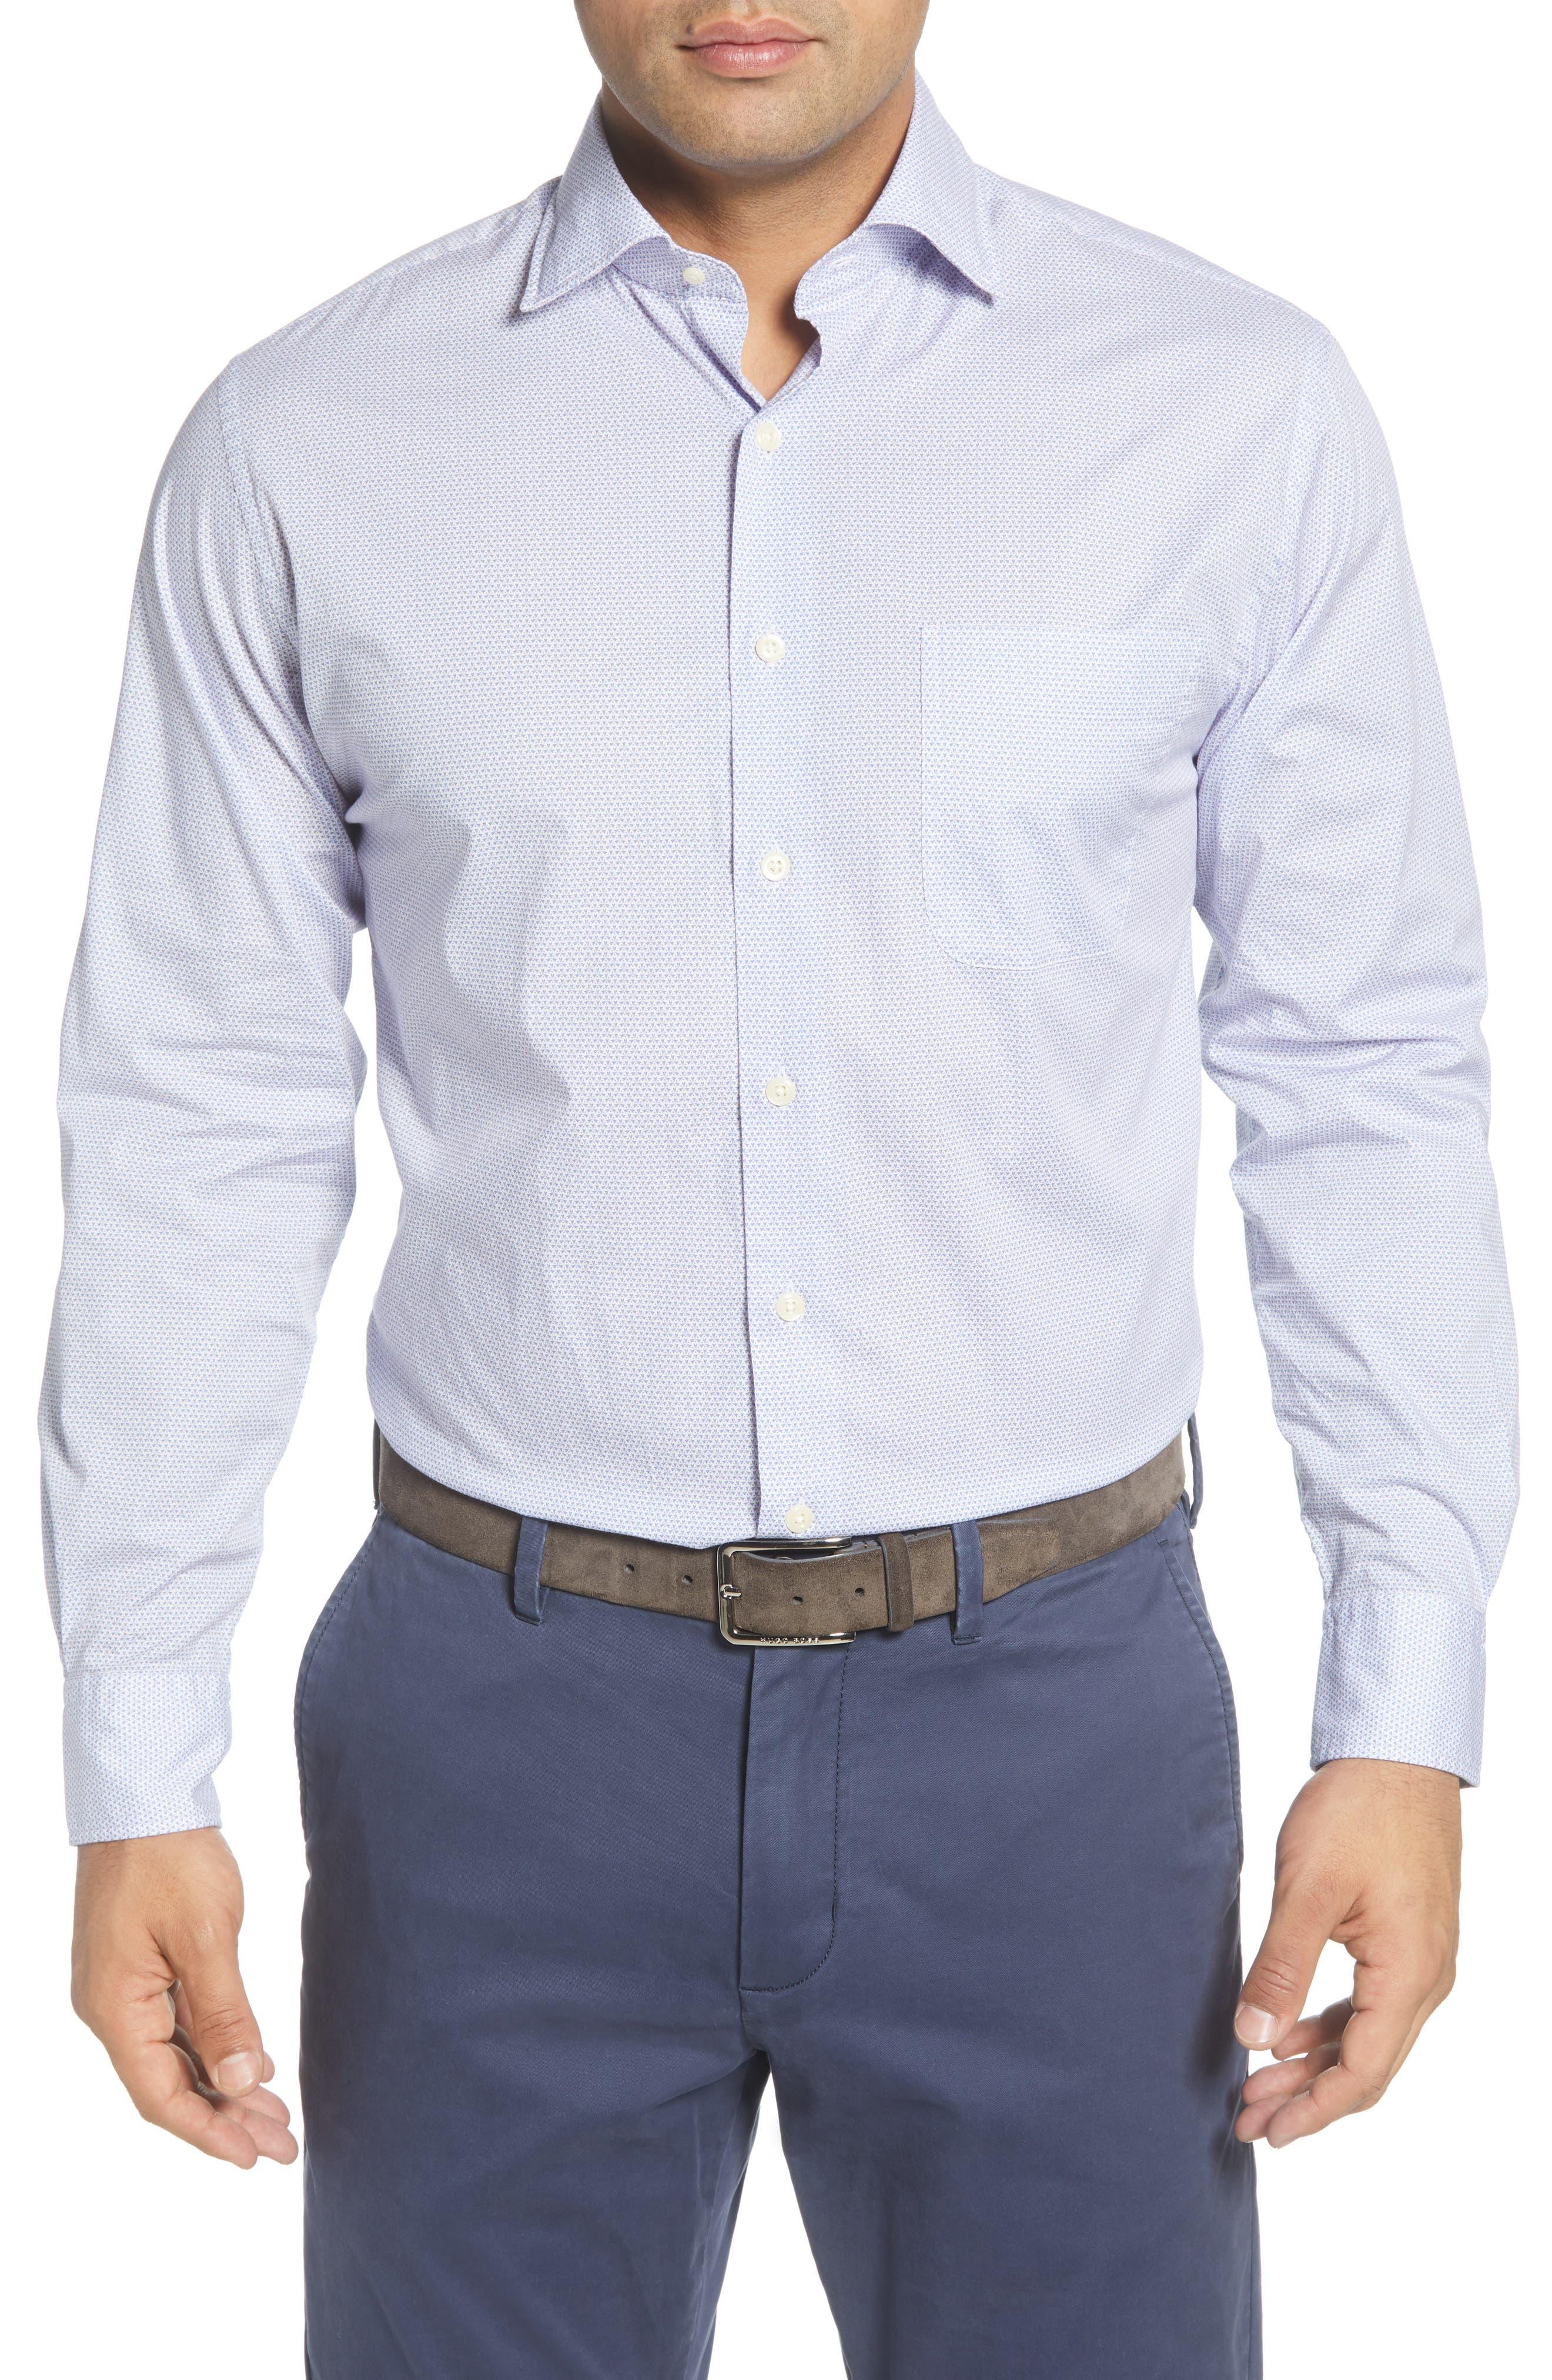 Image of Peter Millar Tybee Breeze Regular Fit Shirt